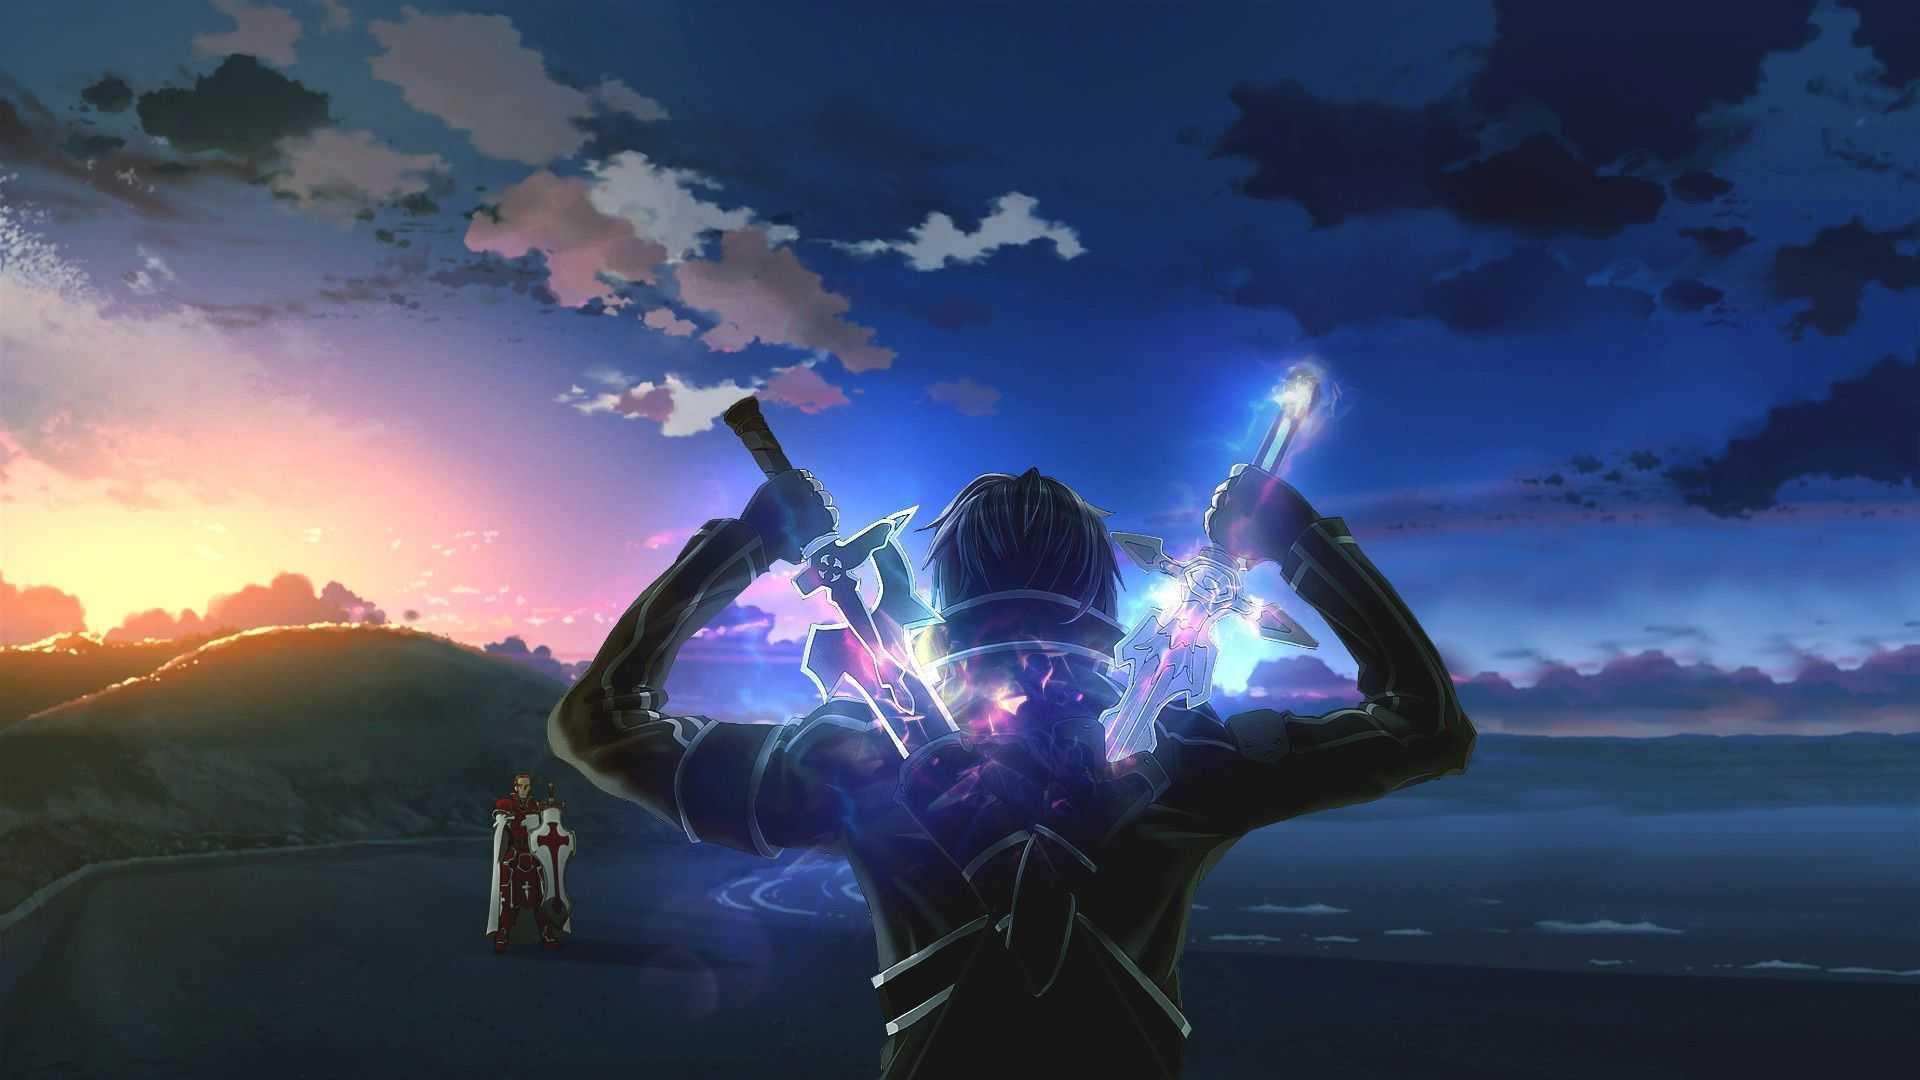 Sword Art Online Wallpapers Top Free Sword Art Online